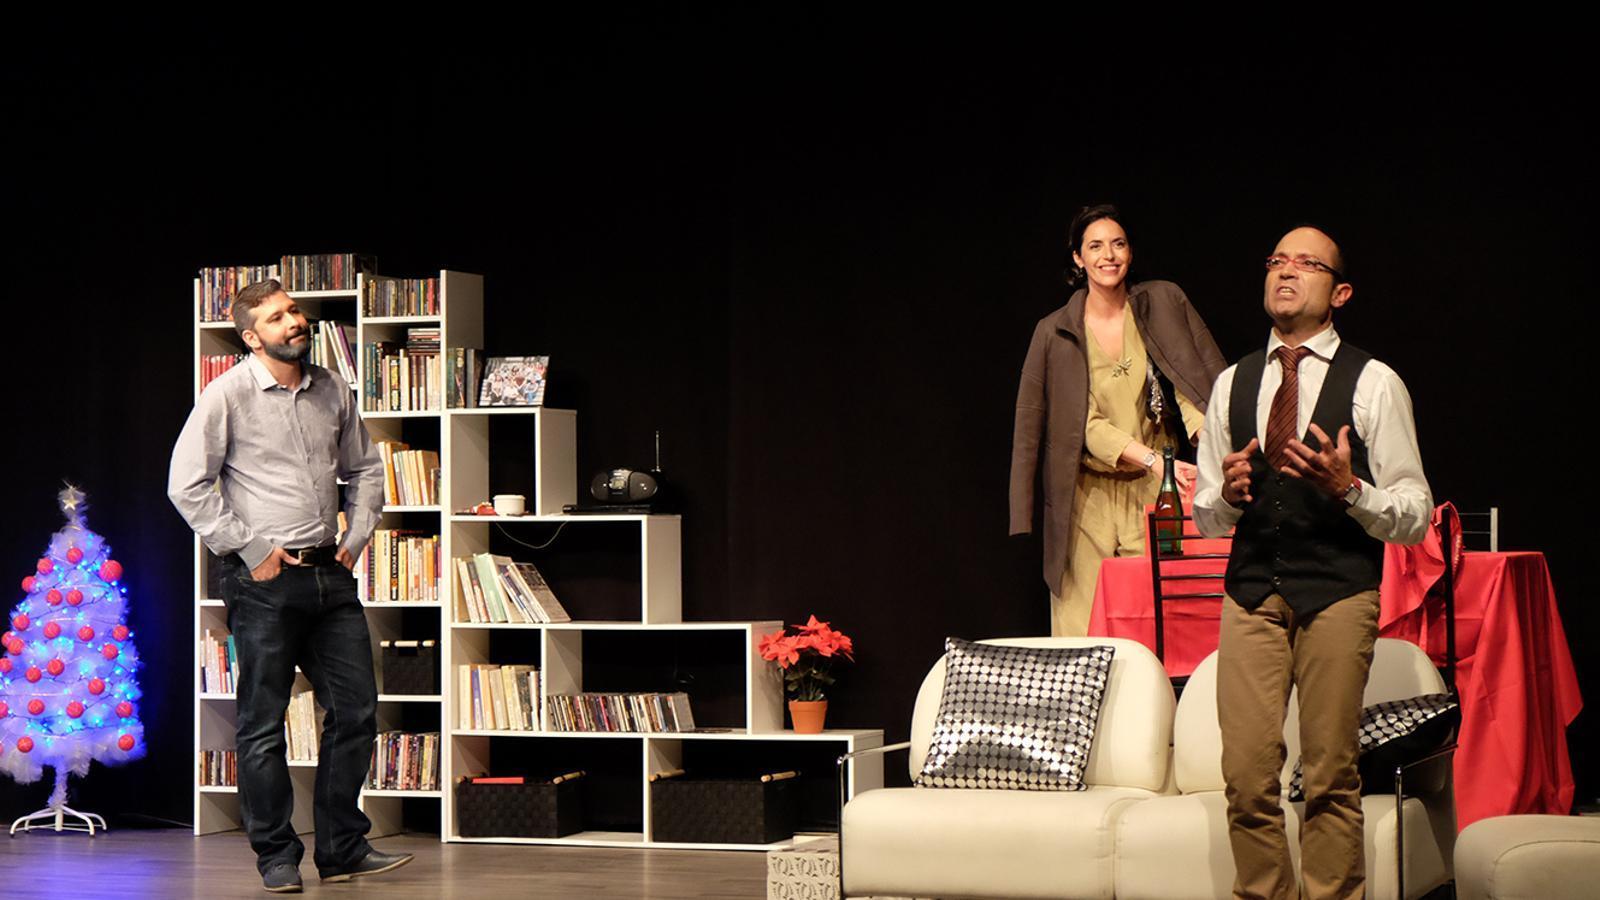 Estrena de 'Beautifool & Wonderfool' amb una molt bona acollida del públic / M. T. (ANA)